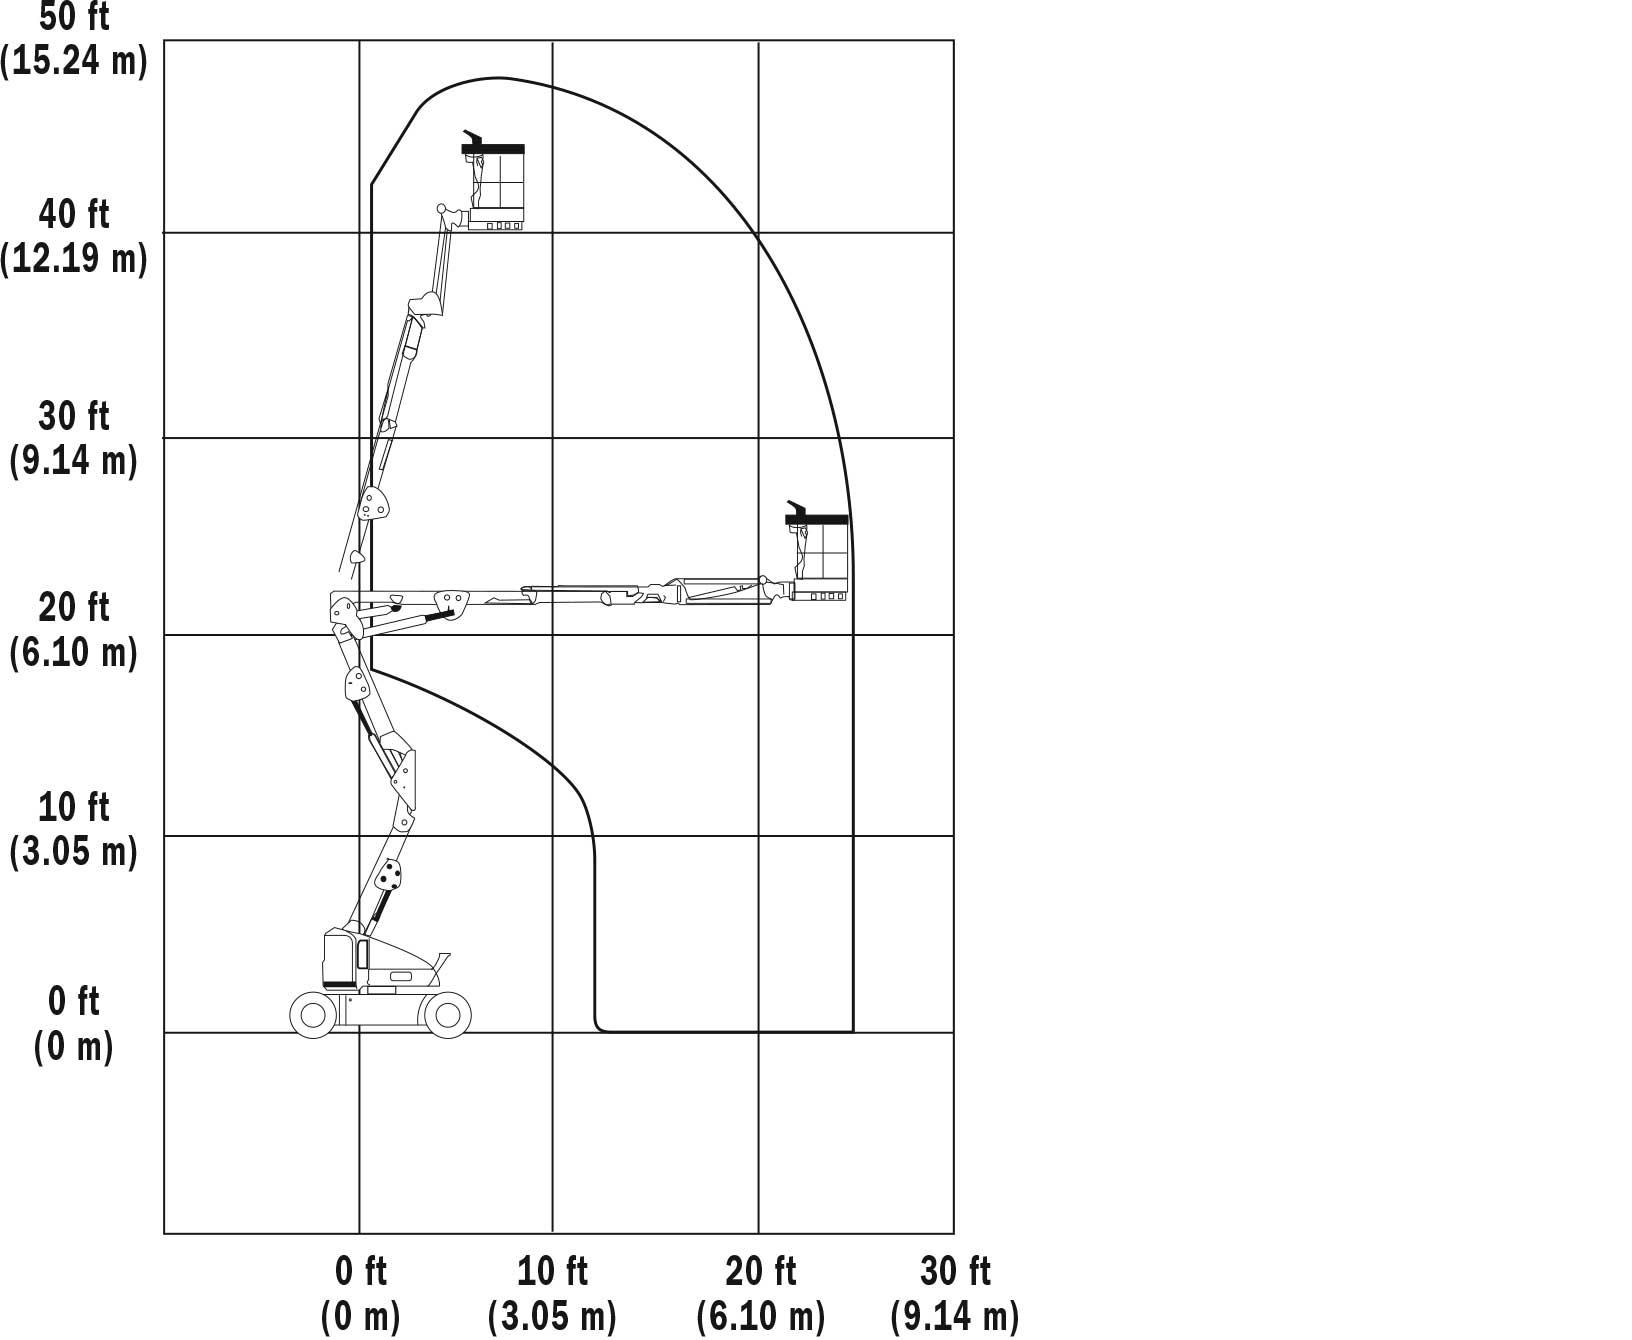 Jlg E 450 Wiring Schematics | Wiring Schematic Diagram Jlg Rts Wiring Schematics on